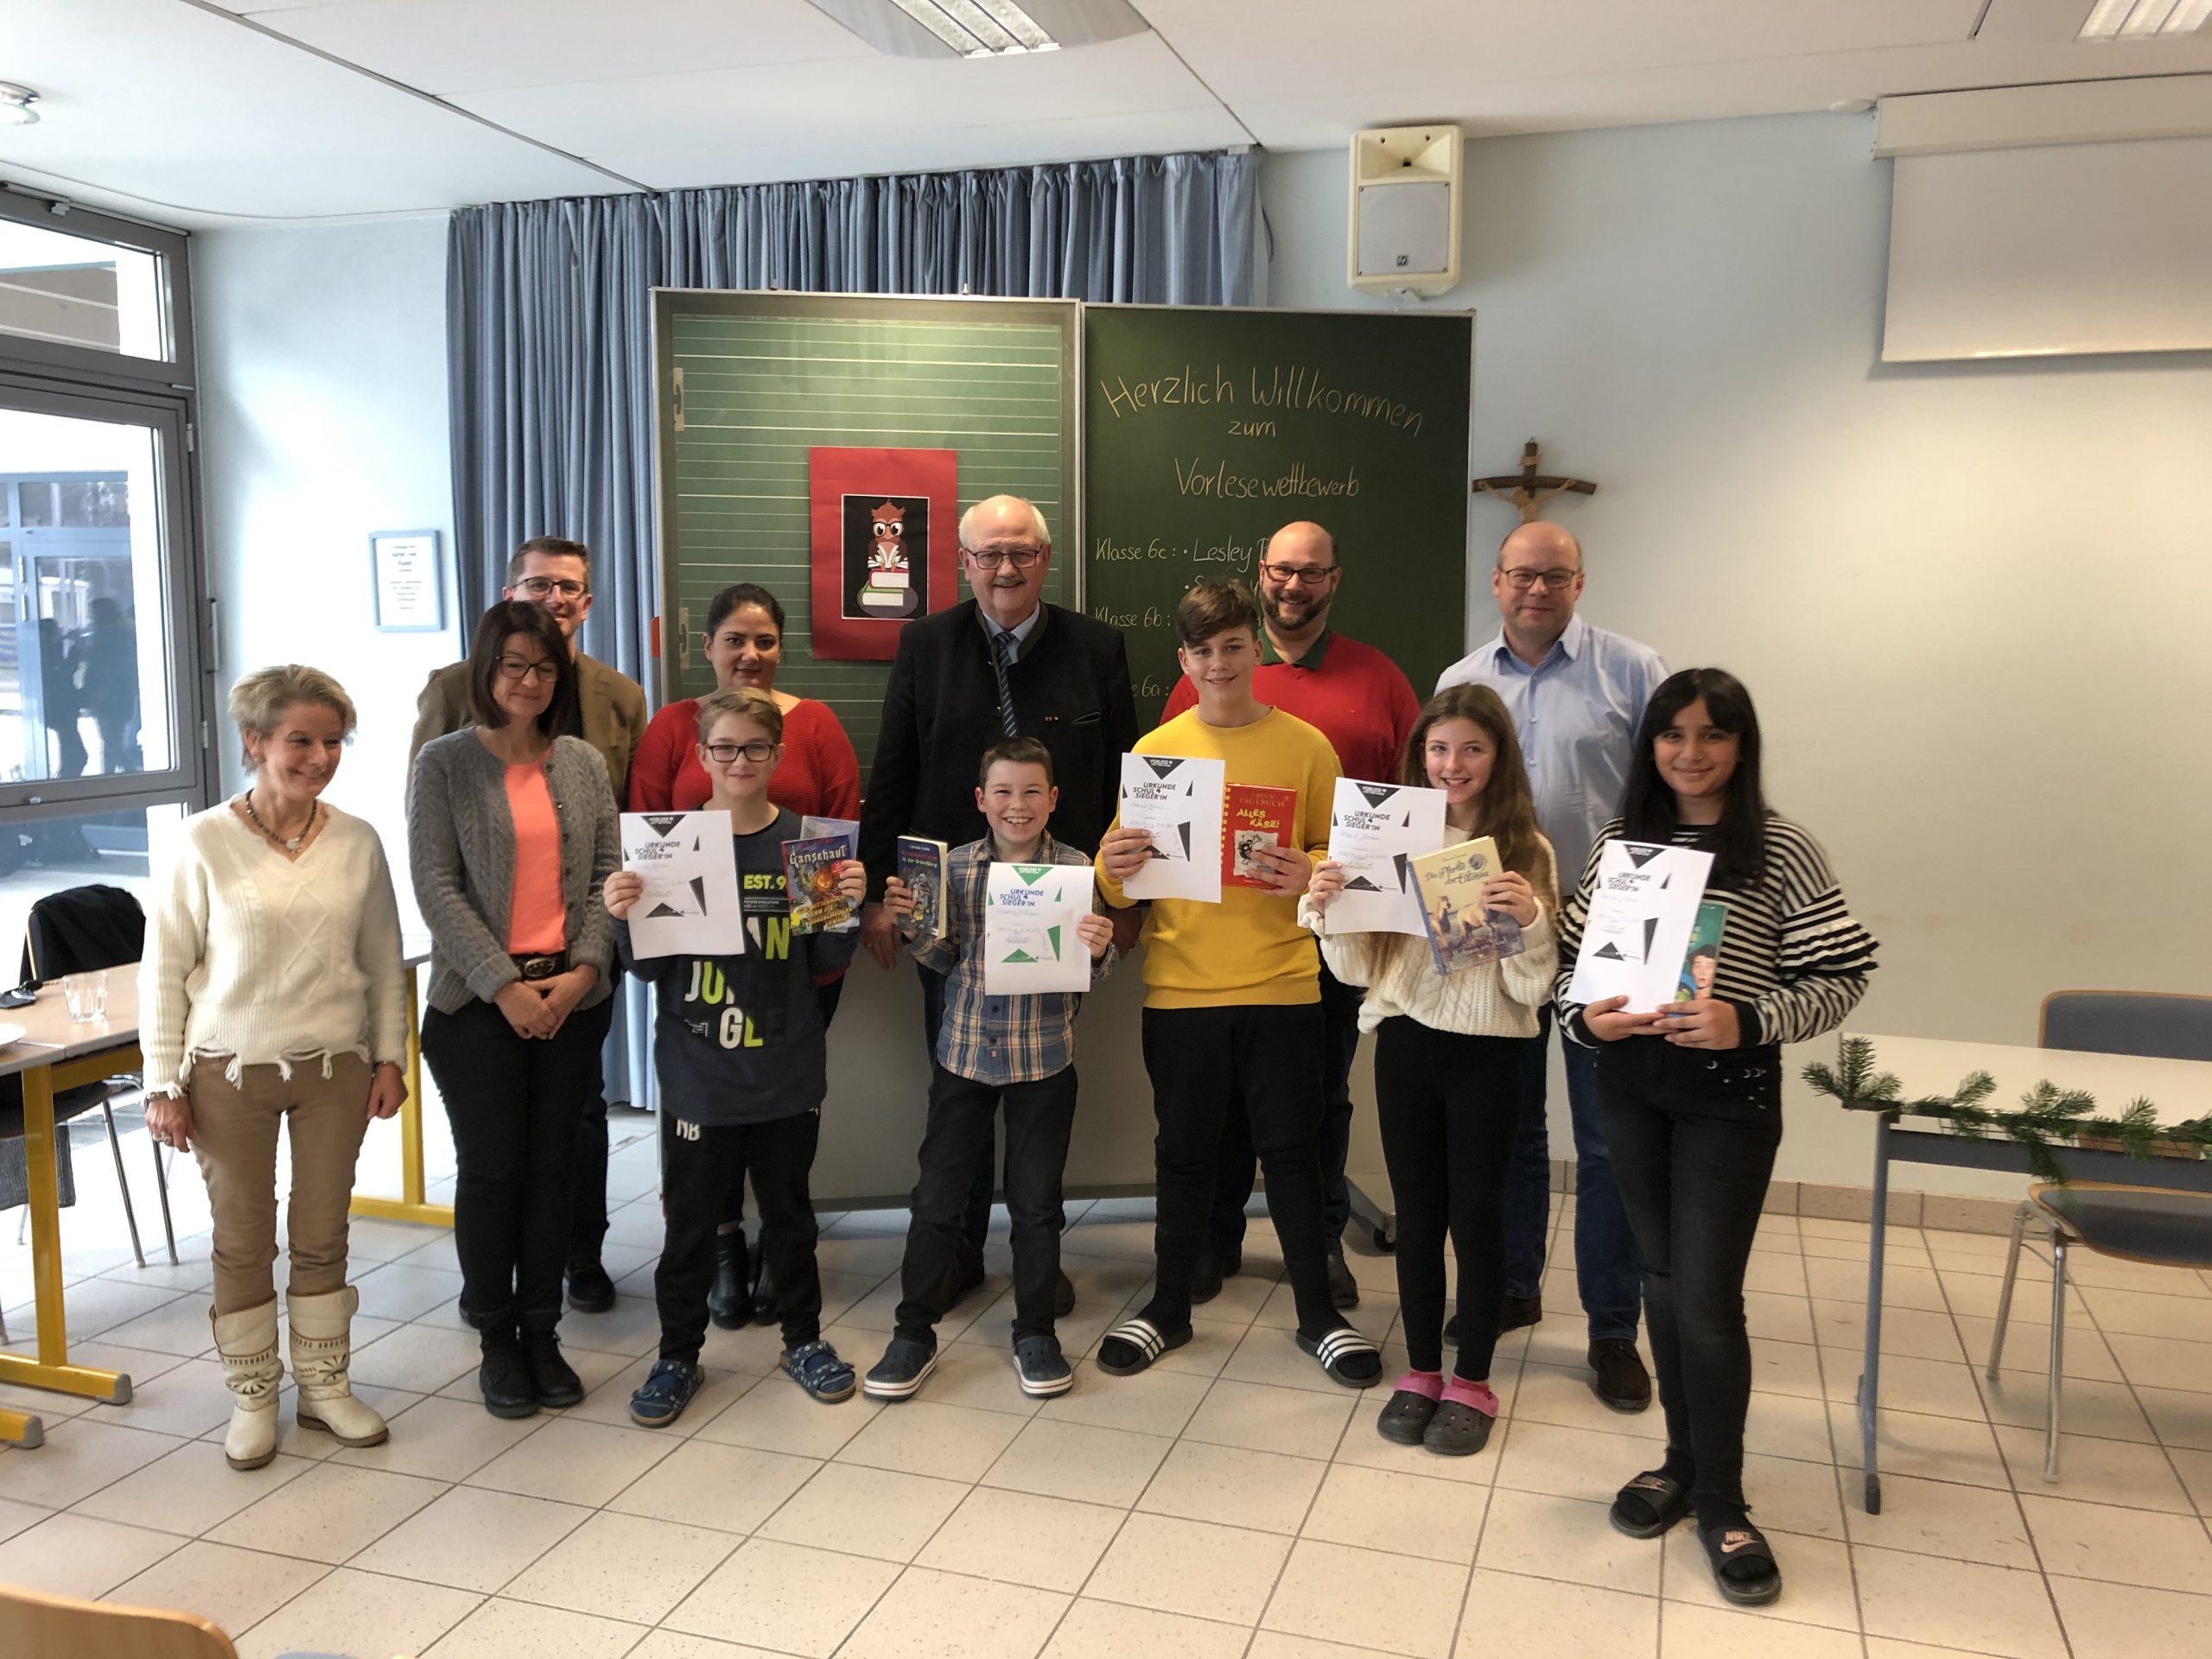 Vorlesewettbewerb an der Weiß-Ferdl-Mittelschule Altötting